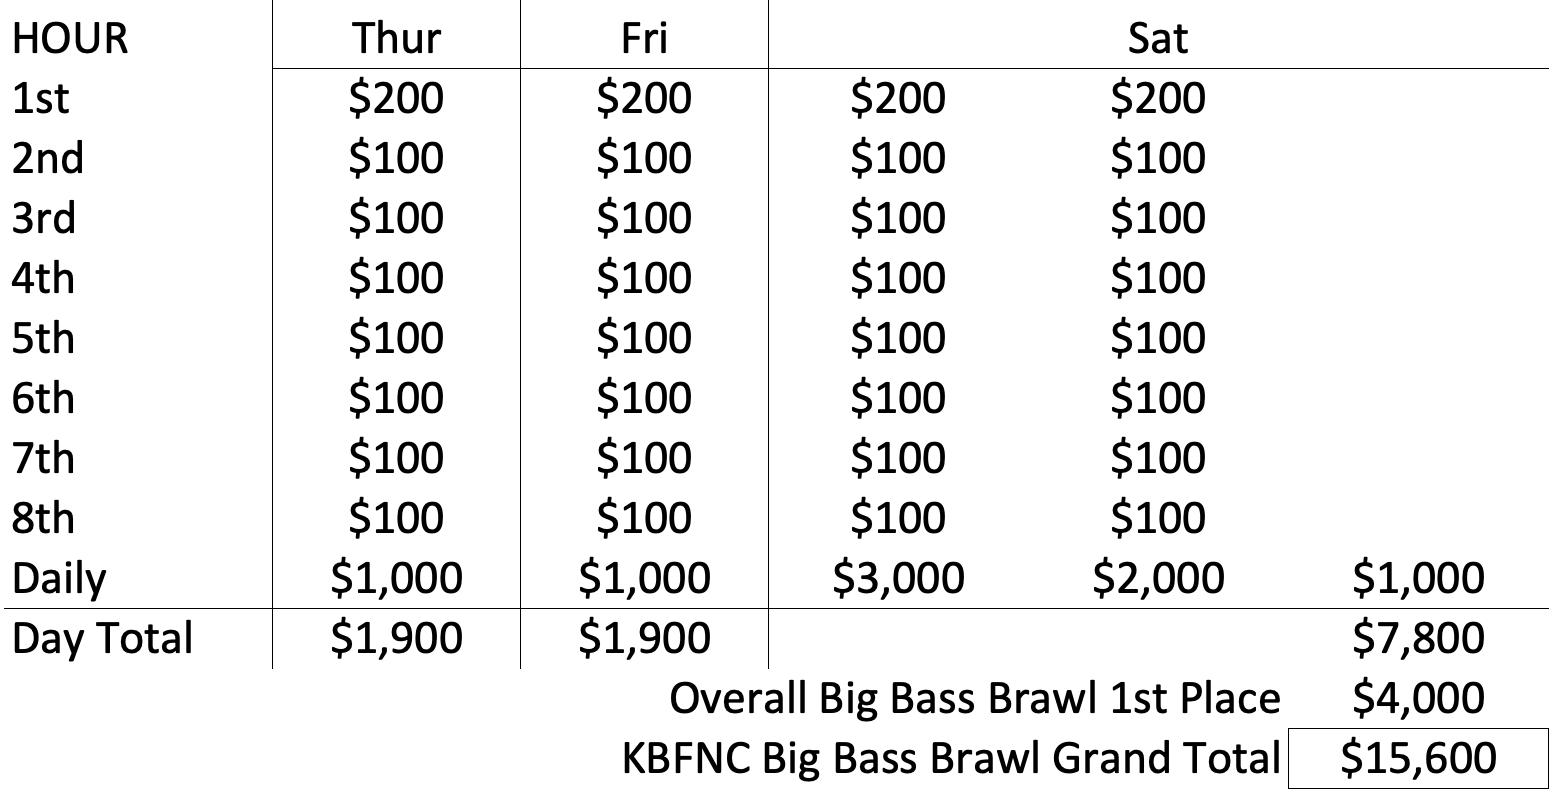 2019 KBFNC Big Bass Brawl Payout